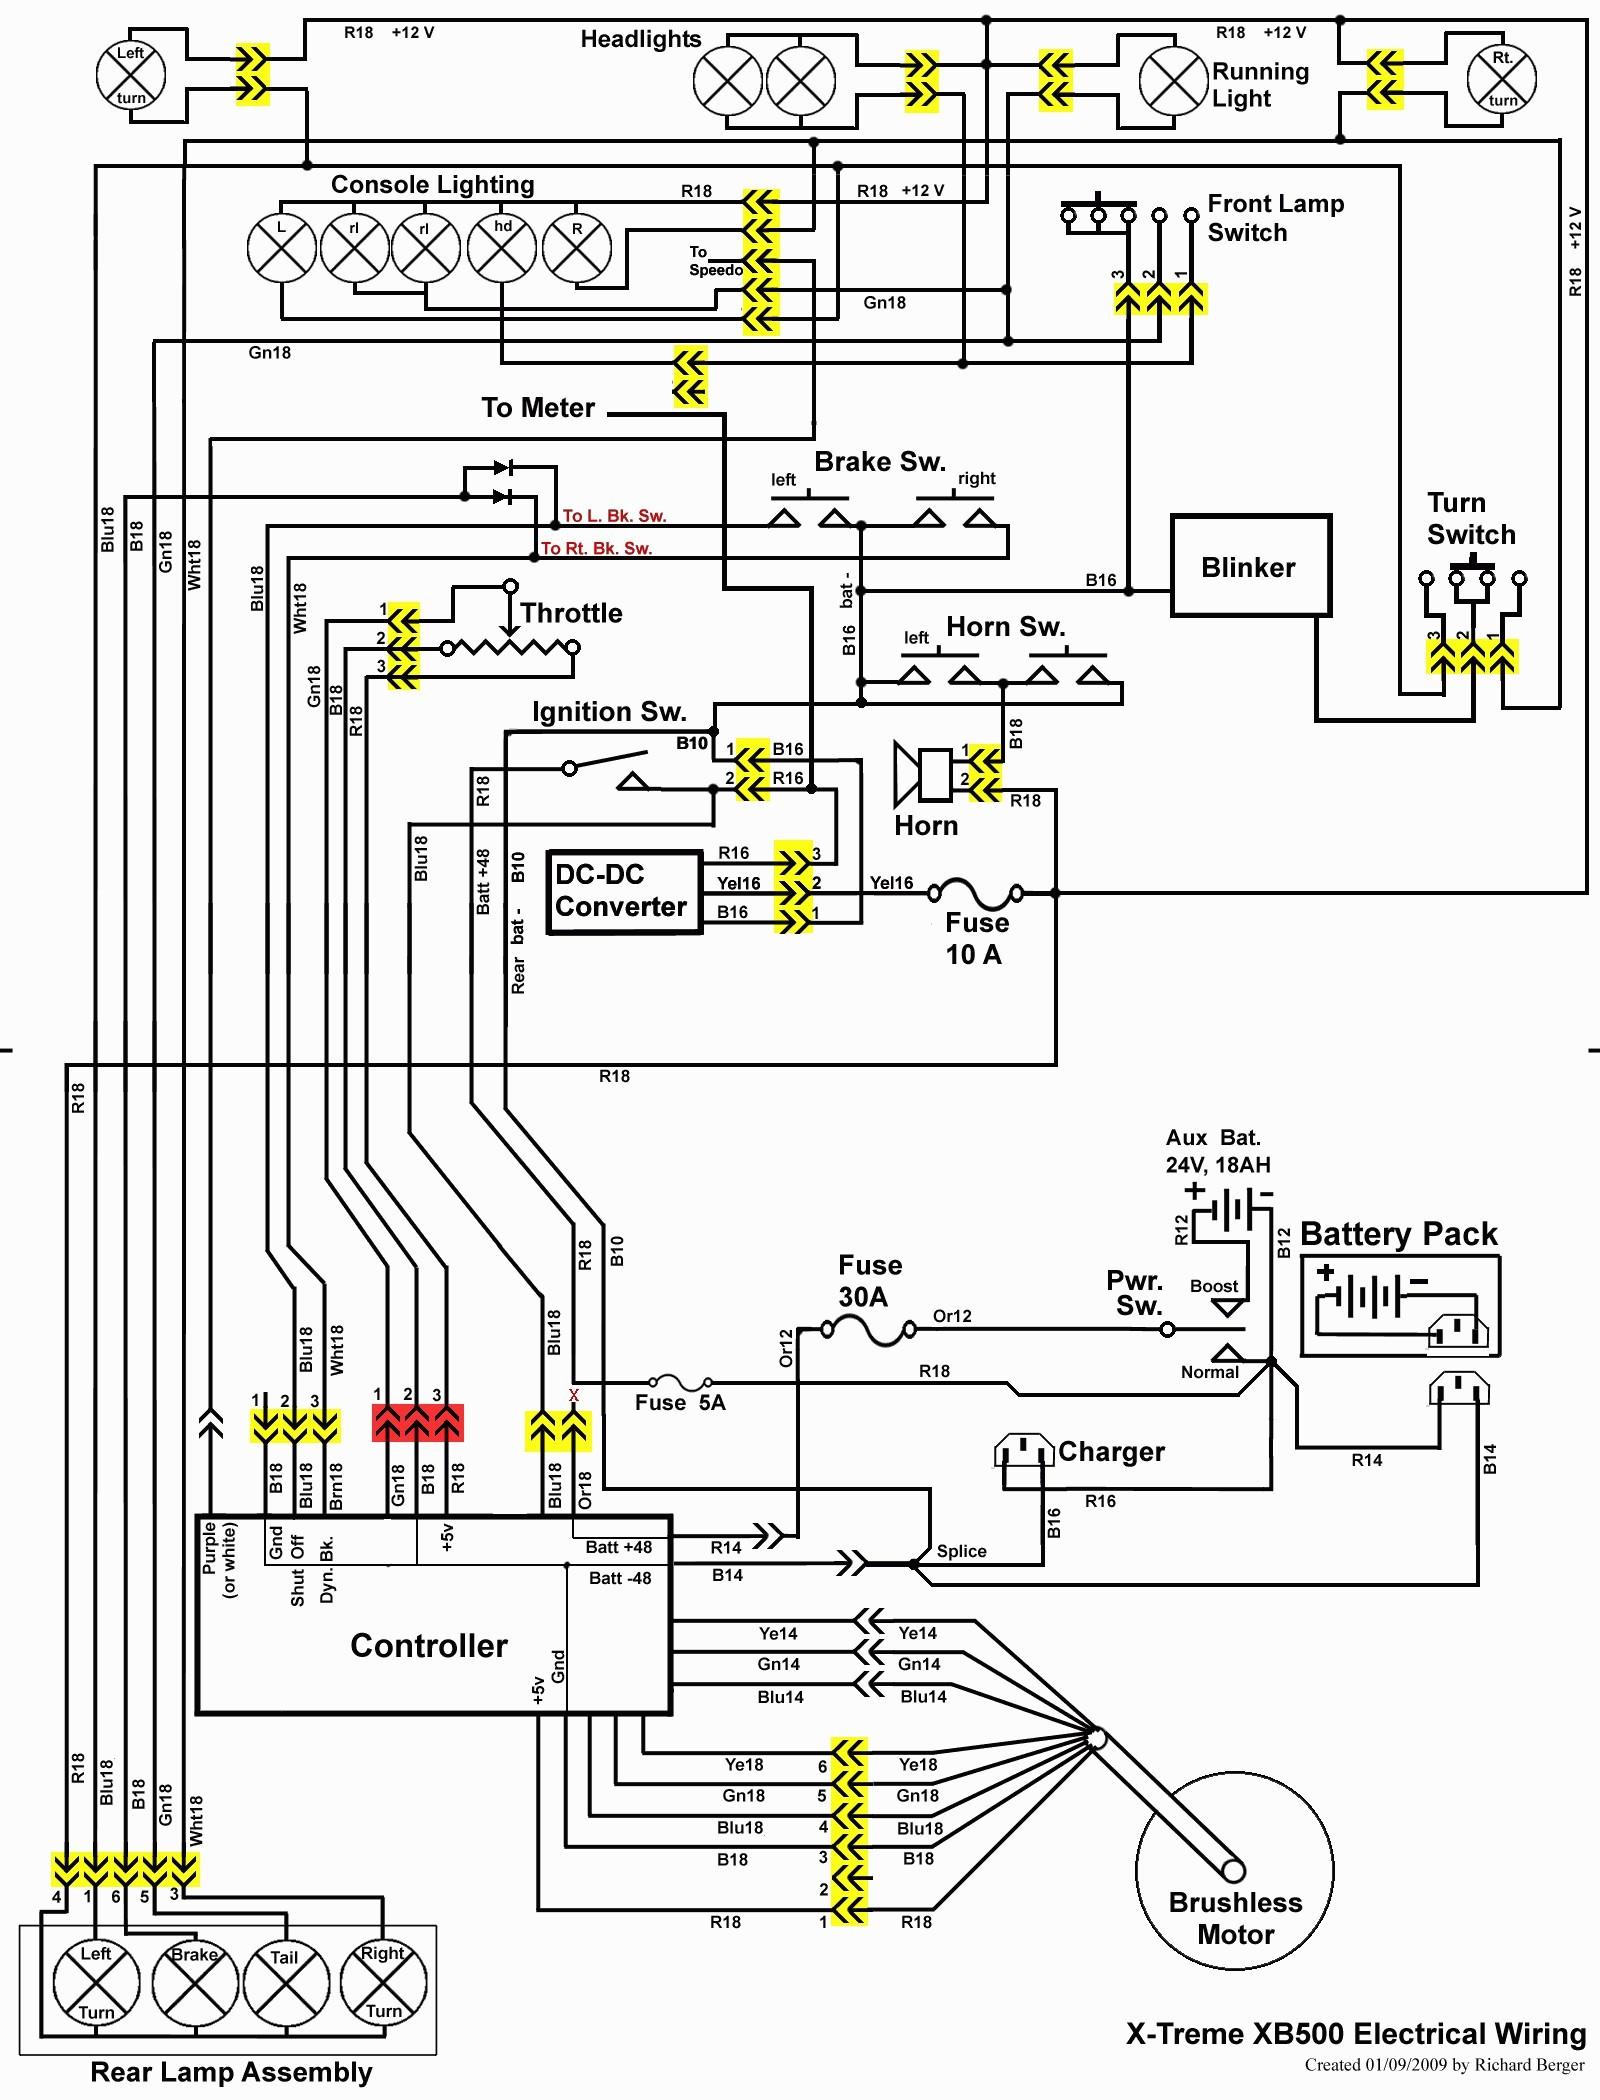 Curtis Wiring Diagram Electrical Wiring Red Black Green Gsxr750 Yenpancane Jeanjaures37 Fr